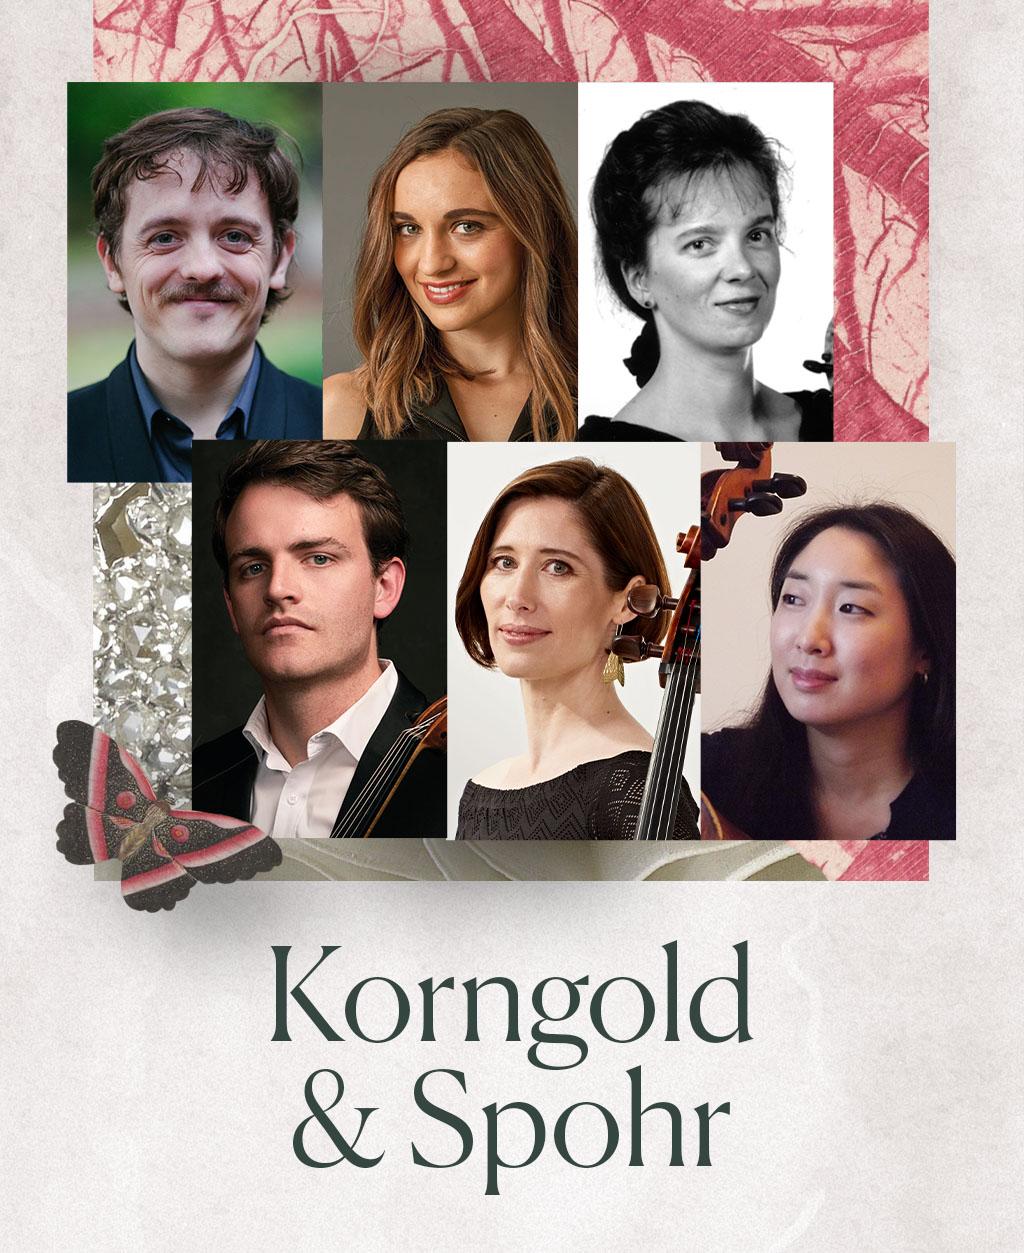 Korngold & Spohr